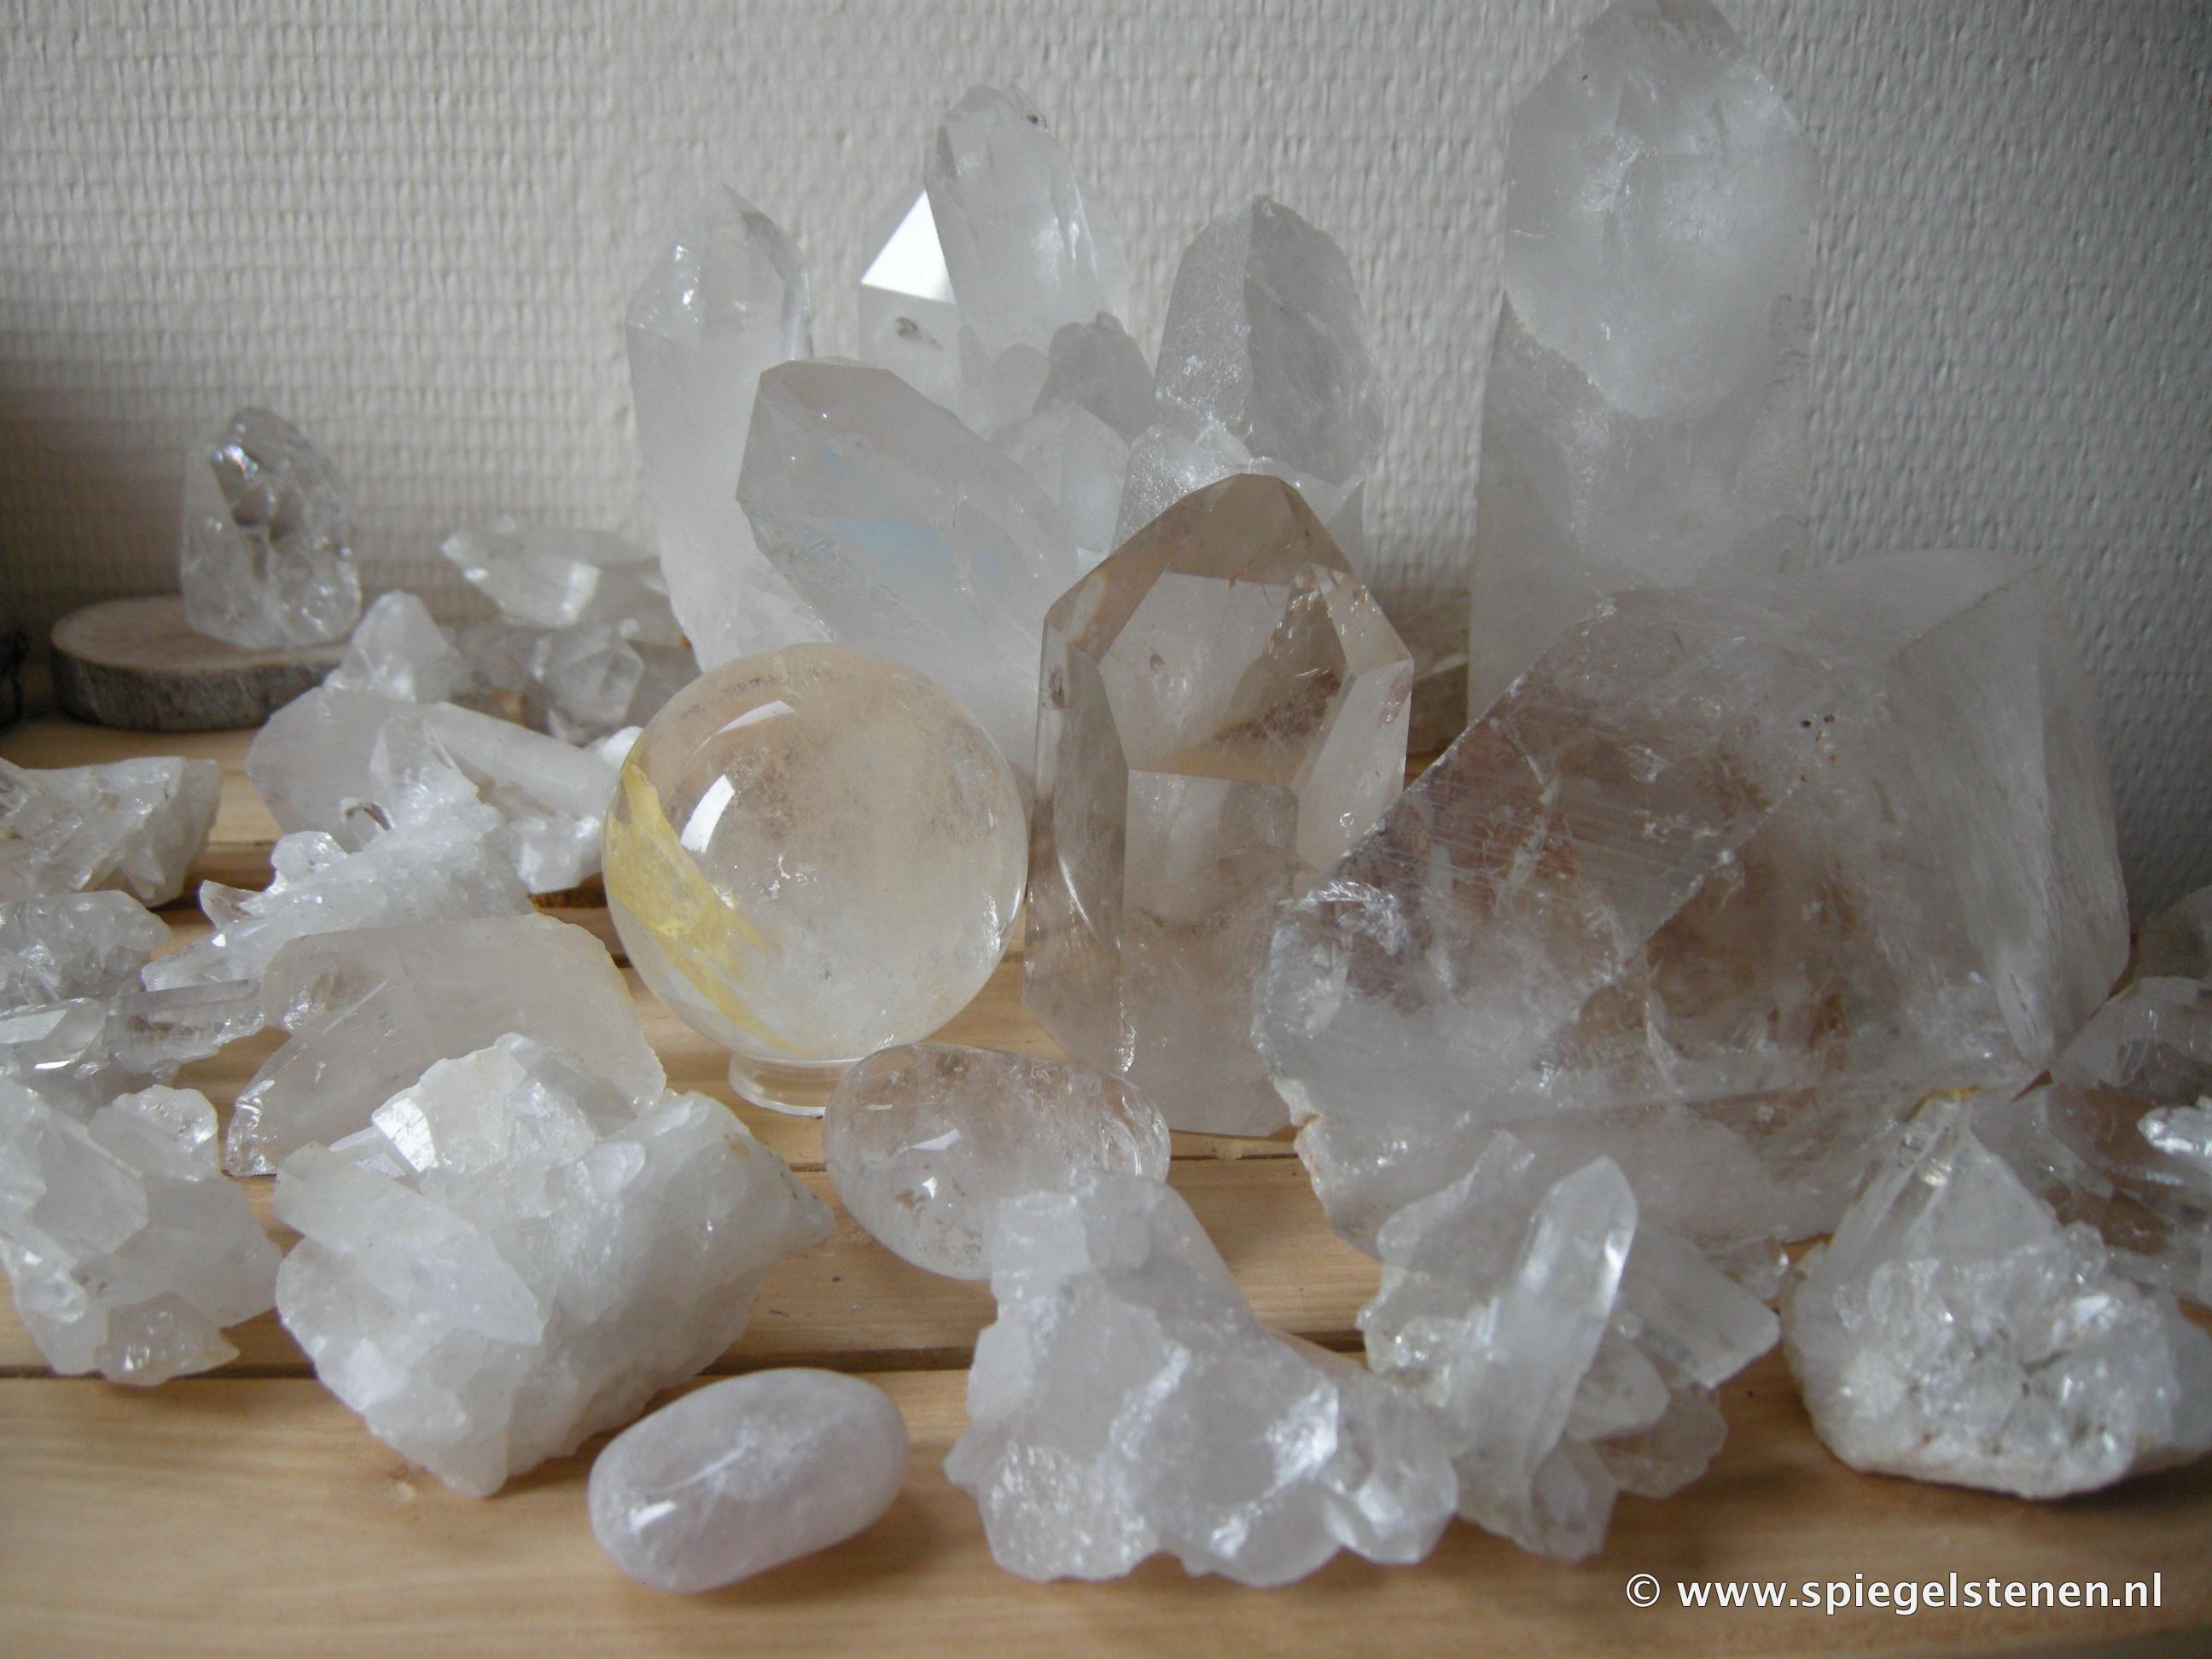 Welkom in de wereld van bergkristal quartz spiegelstenen 39 n ontmoeting vanuit jezelf - Spiegel rivoli huis van de wereld ...